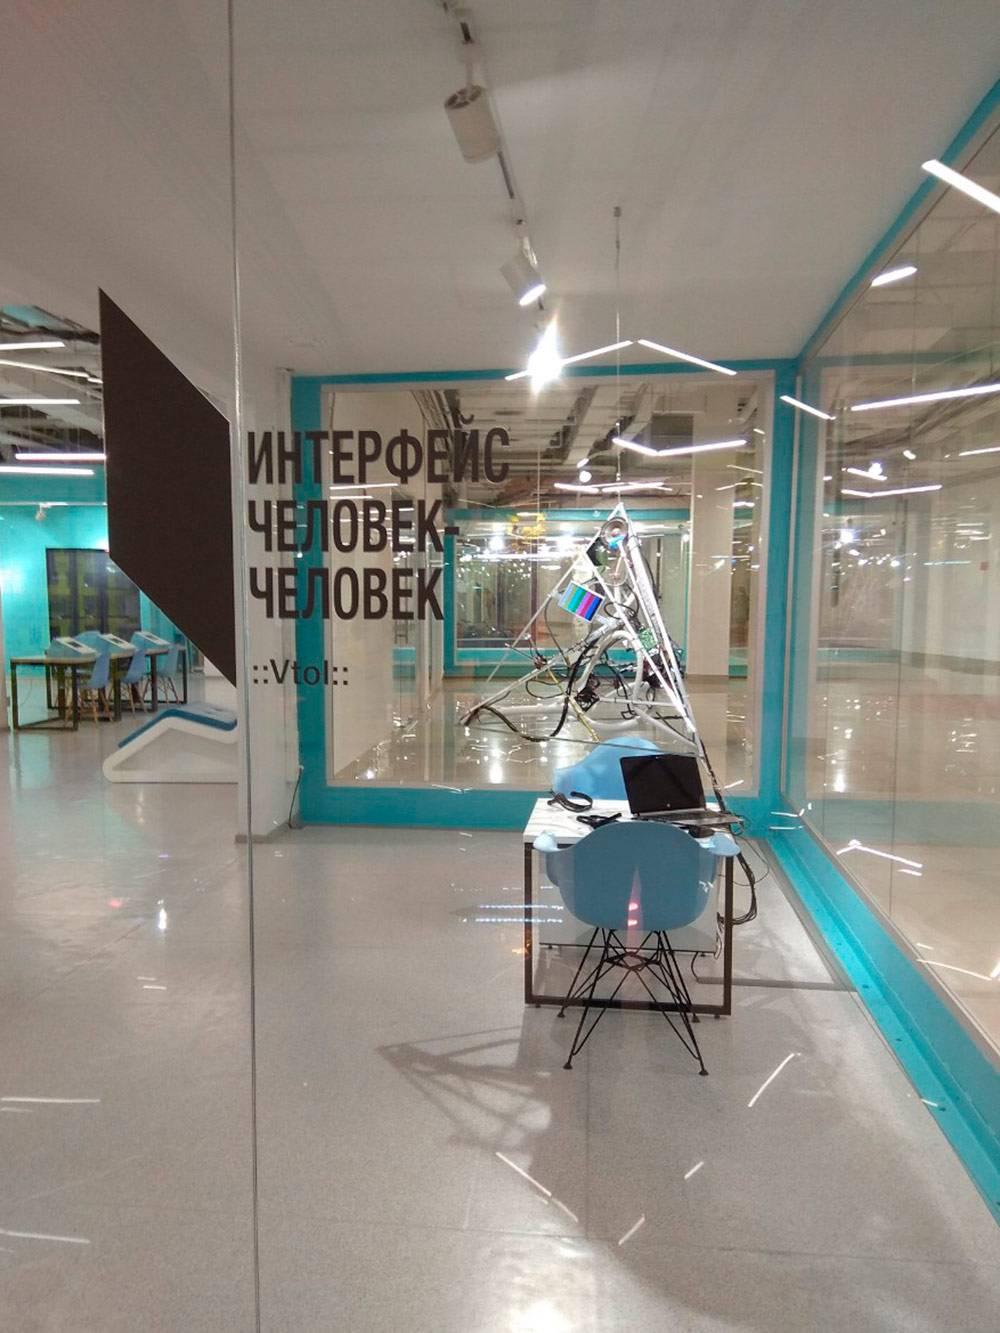 Интерьер парка науки и искусства, входящего в структуру «Сириуса». Раньше здесь находился пресс-центр Олимпийских игр